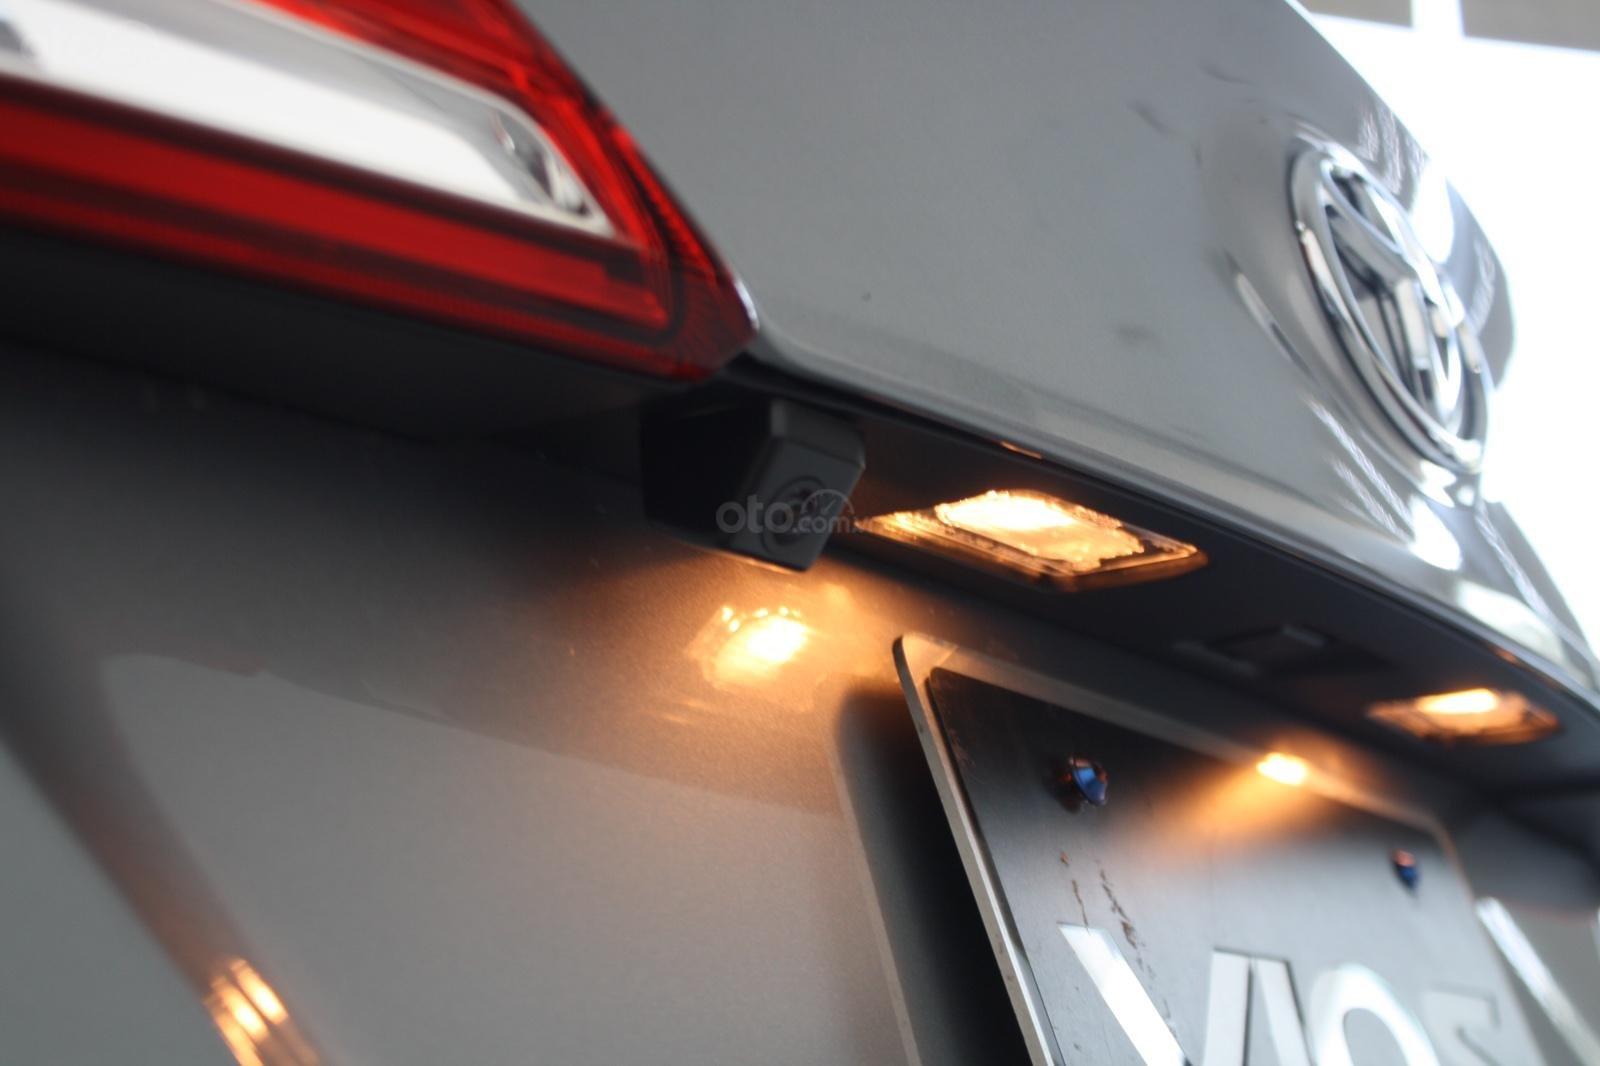 Toyota Vios 1.5E, cam kết giá tốt - cạnh tranh, trả trước 120 triệu - hỗ trợ ngân hàng - lãi suất thấp (15)